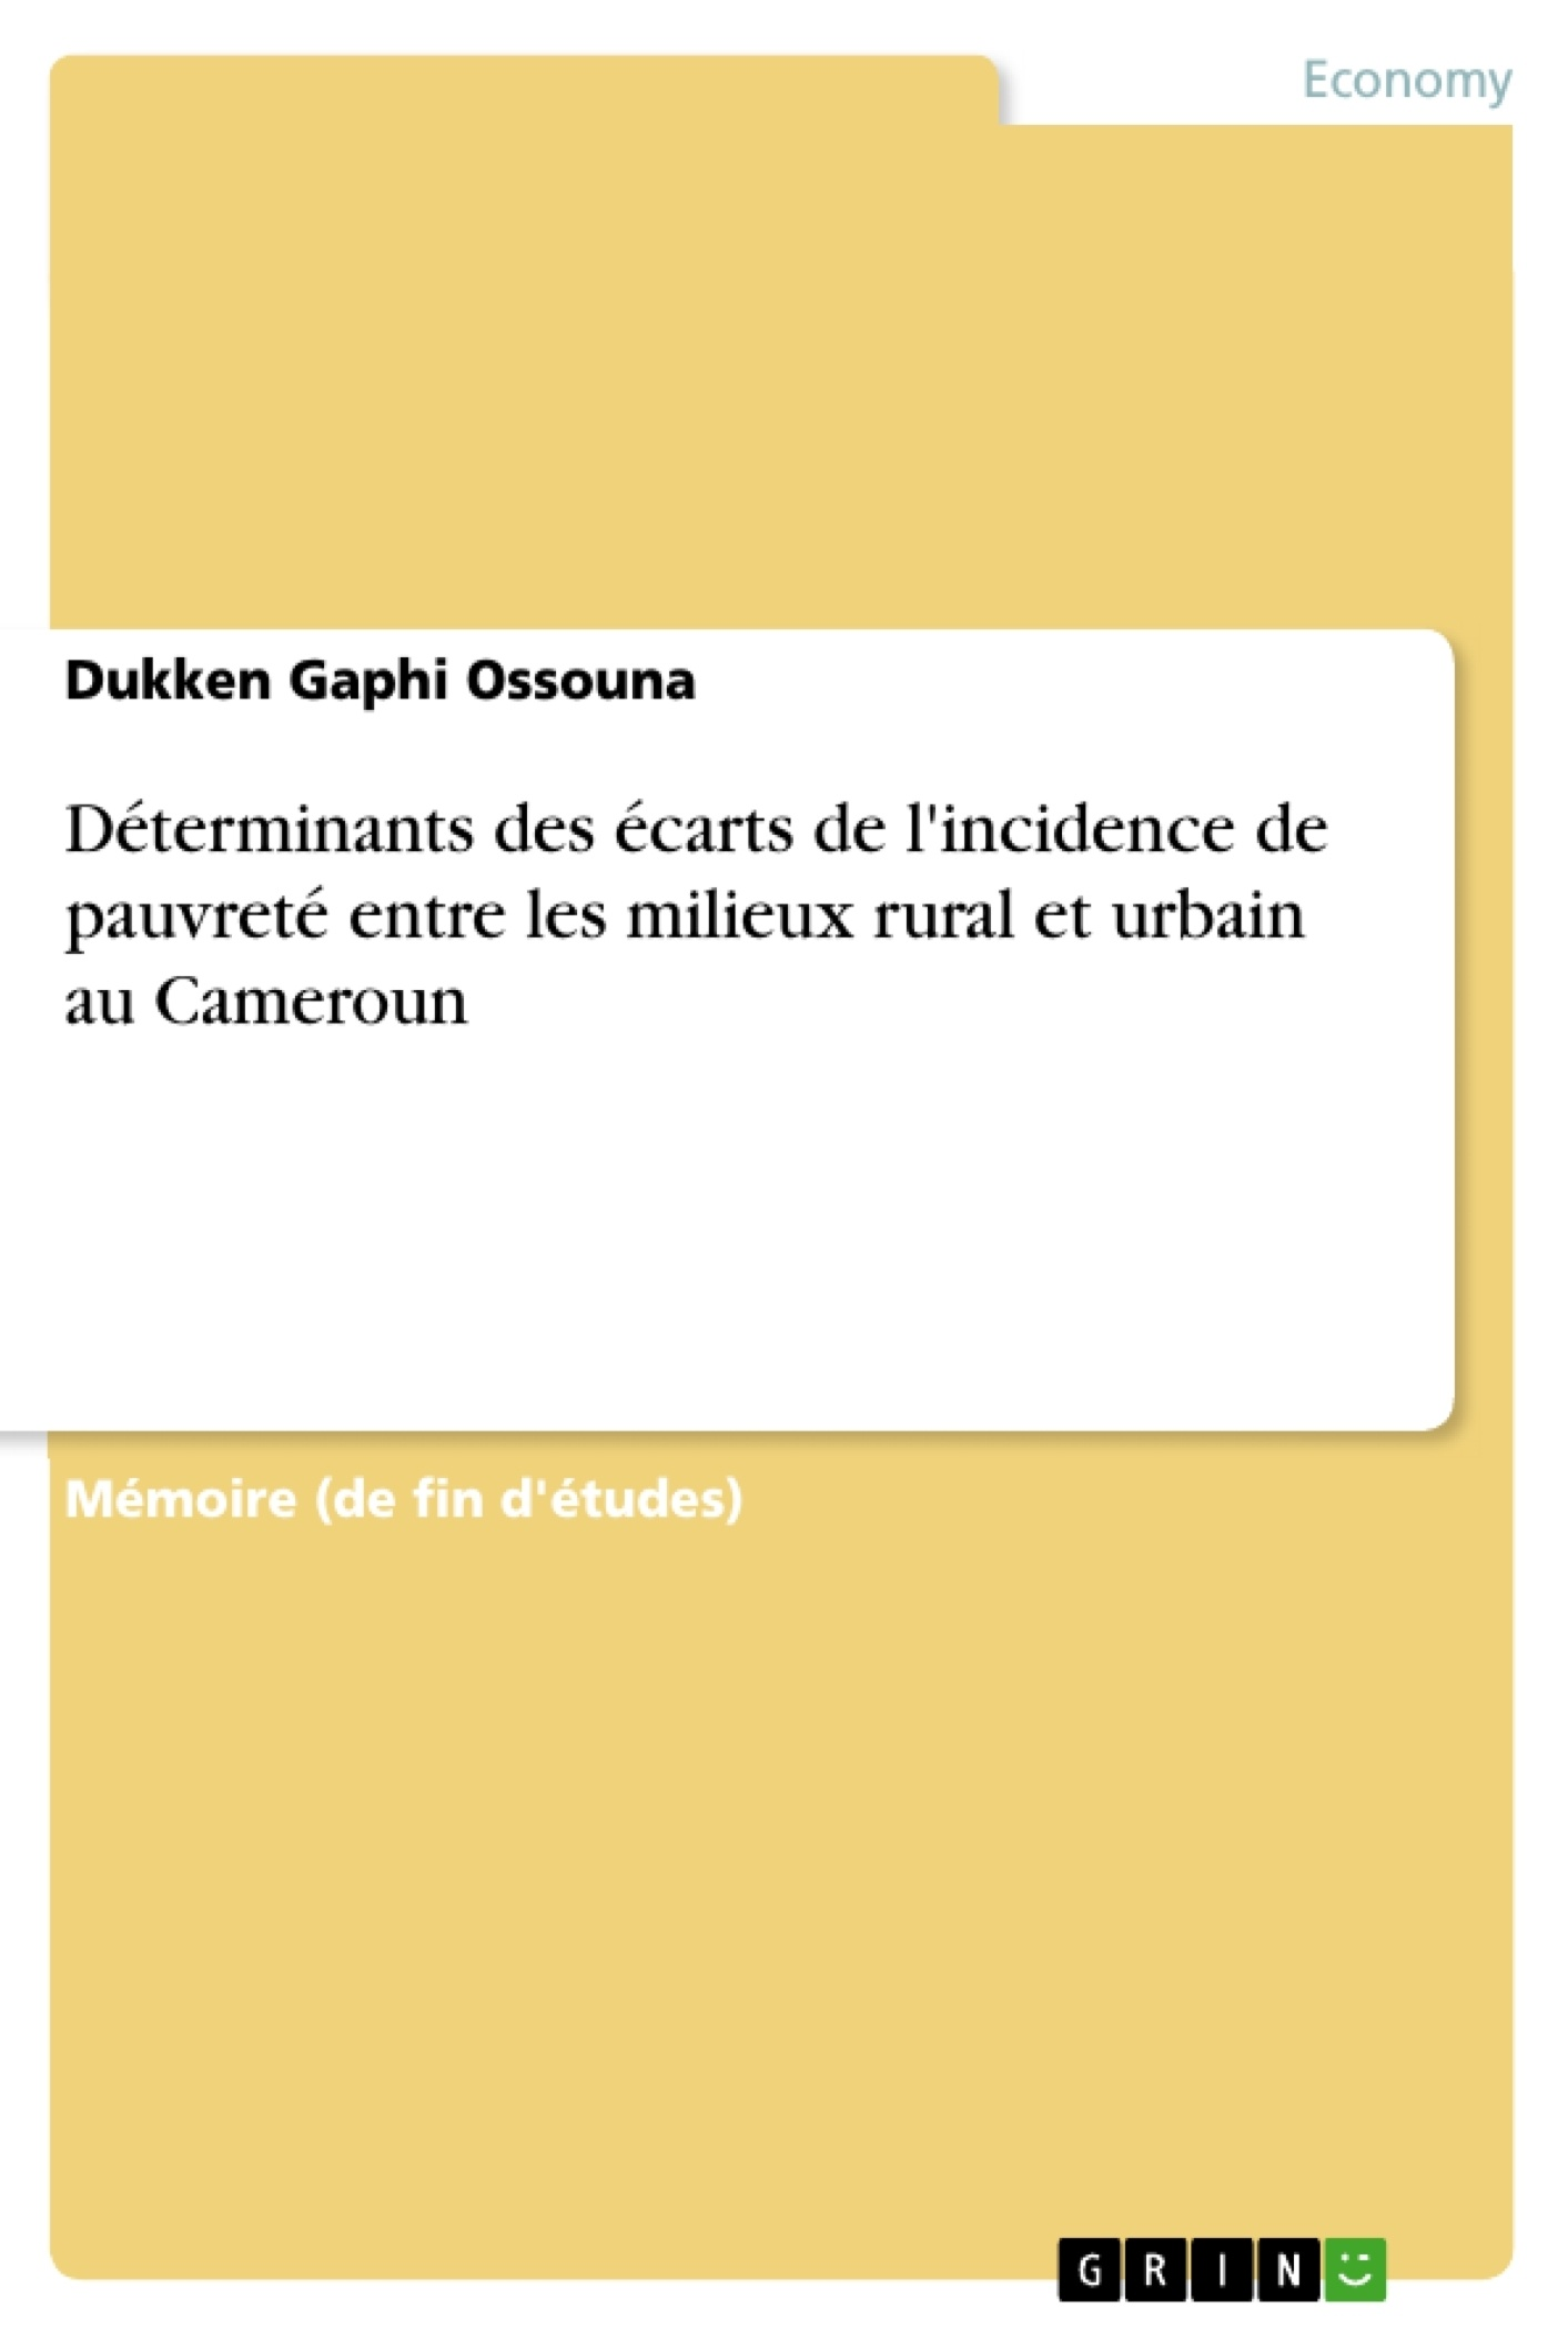 Titre: Déterminants des écarts de l'incidence de pauvreté entre les milieux rural et urbain au Cameroun